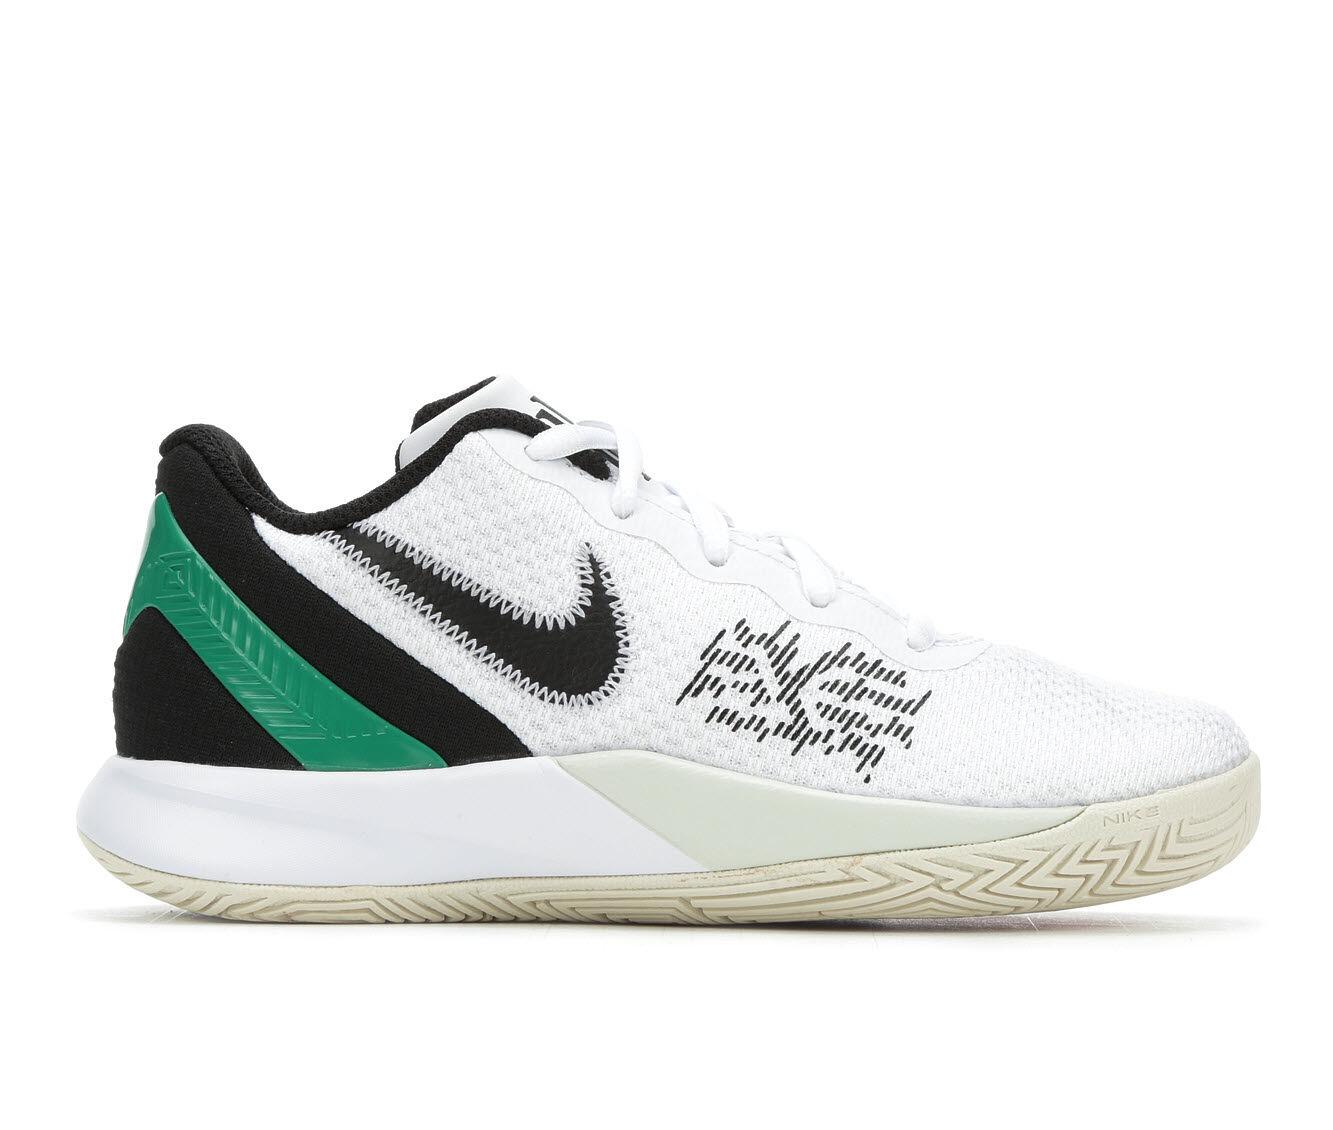 Boys' Nike Little Kid Kyrie Flytrap II